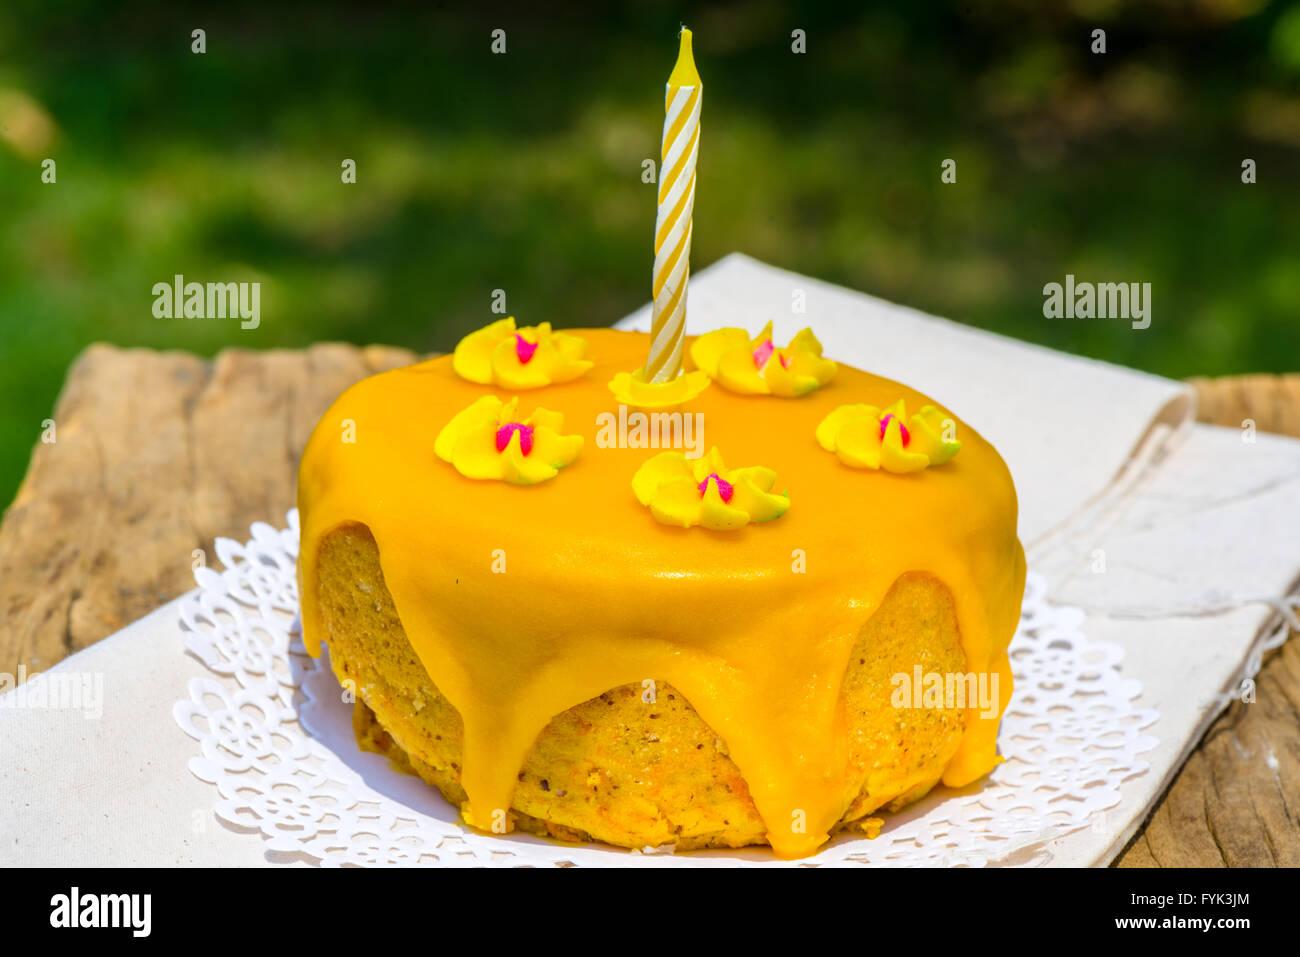 Motif amarillo pastel de cumpleaños de un año de antigüedad Imagen De Stock